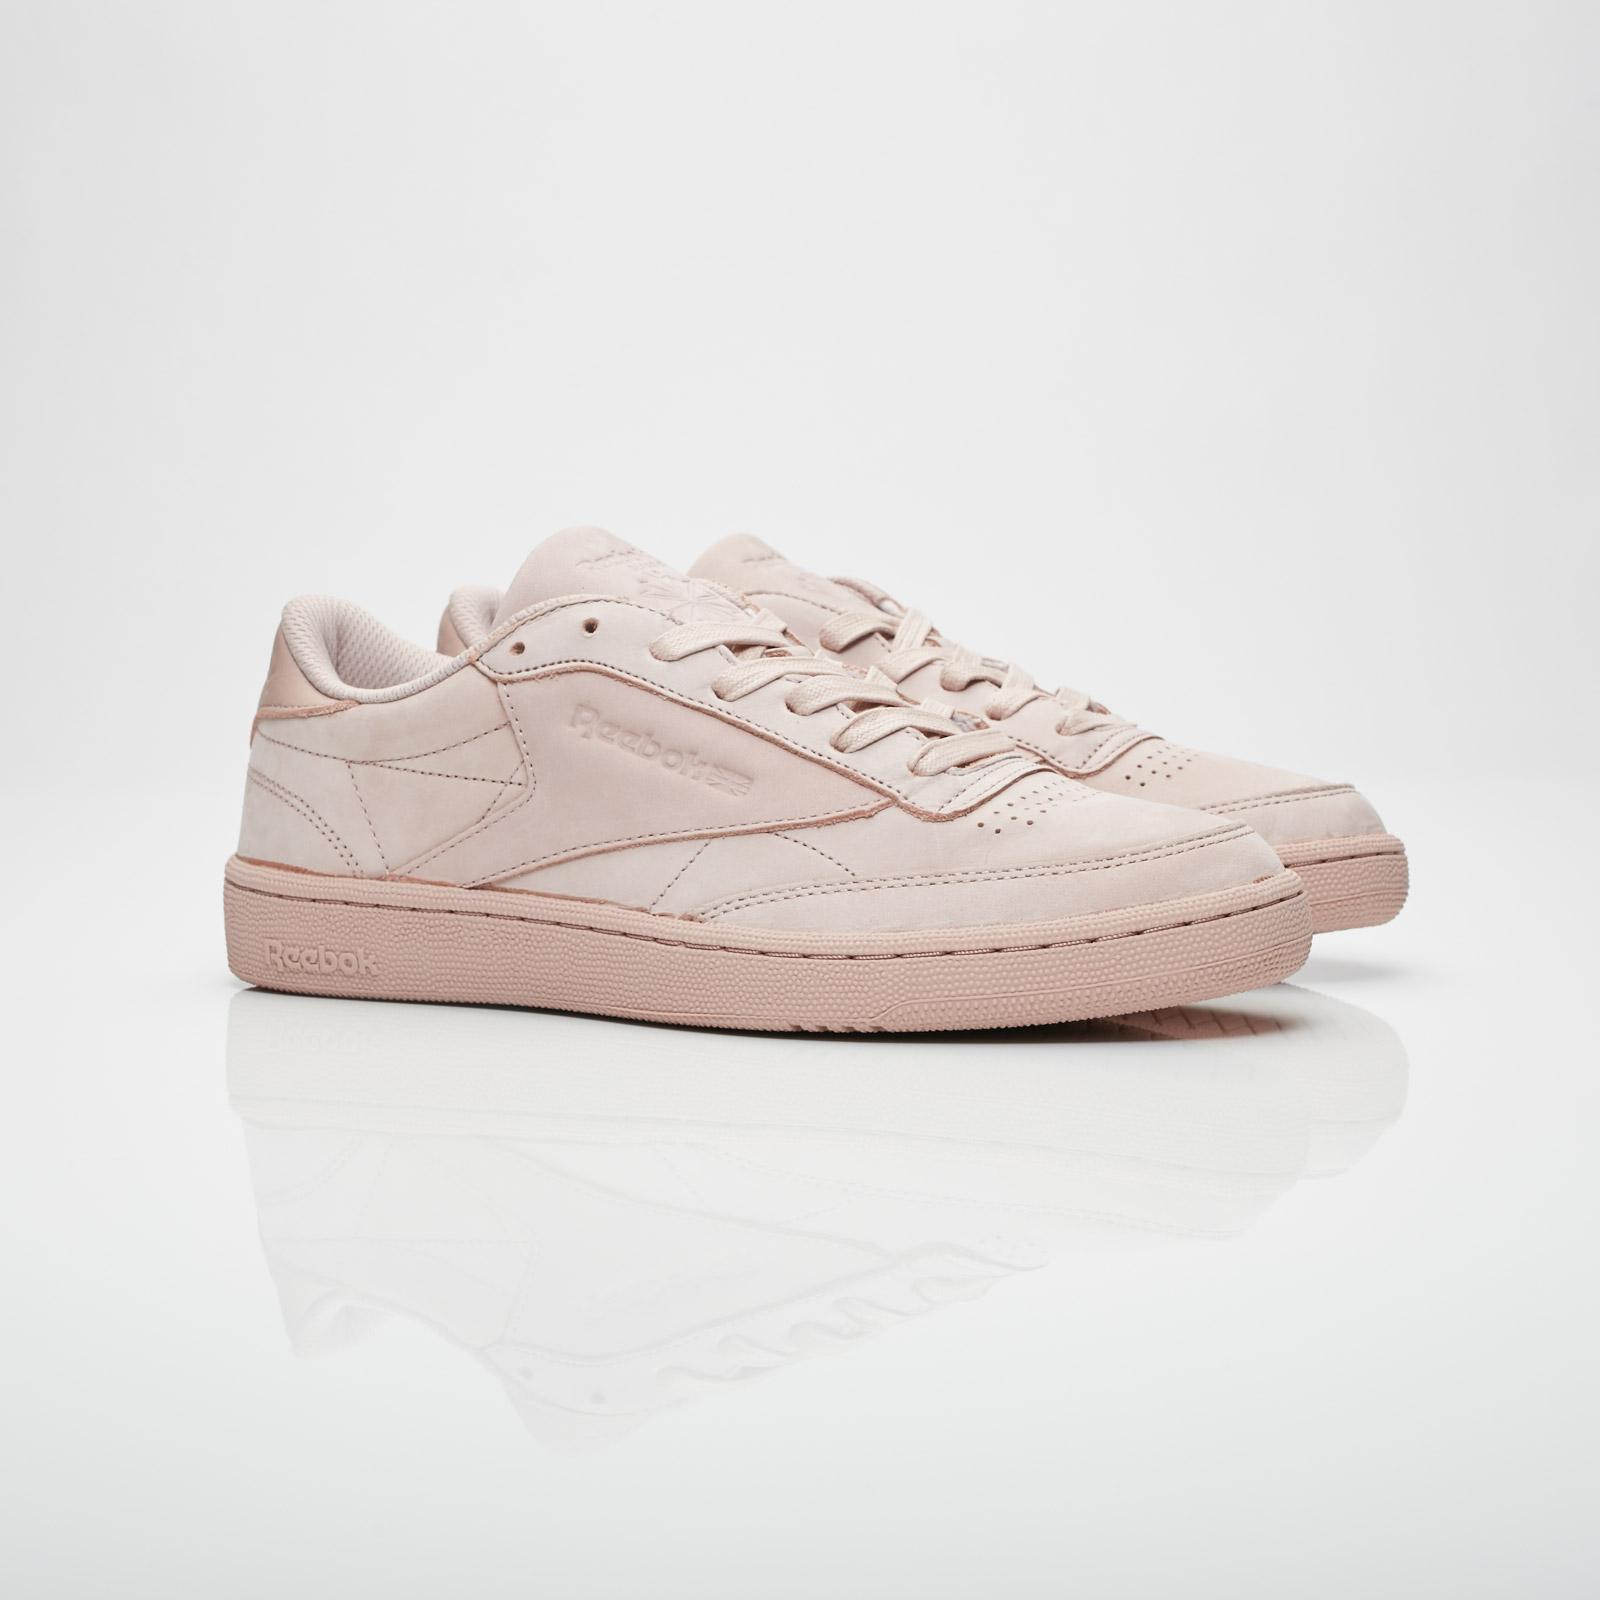 b258b86adef Reebok Club C 85 RS - Bs7854 - Sneakersnstuff